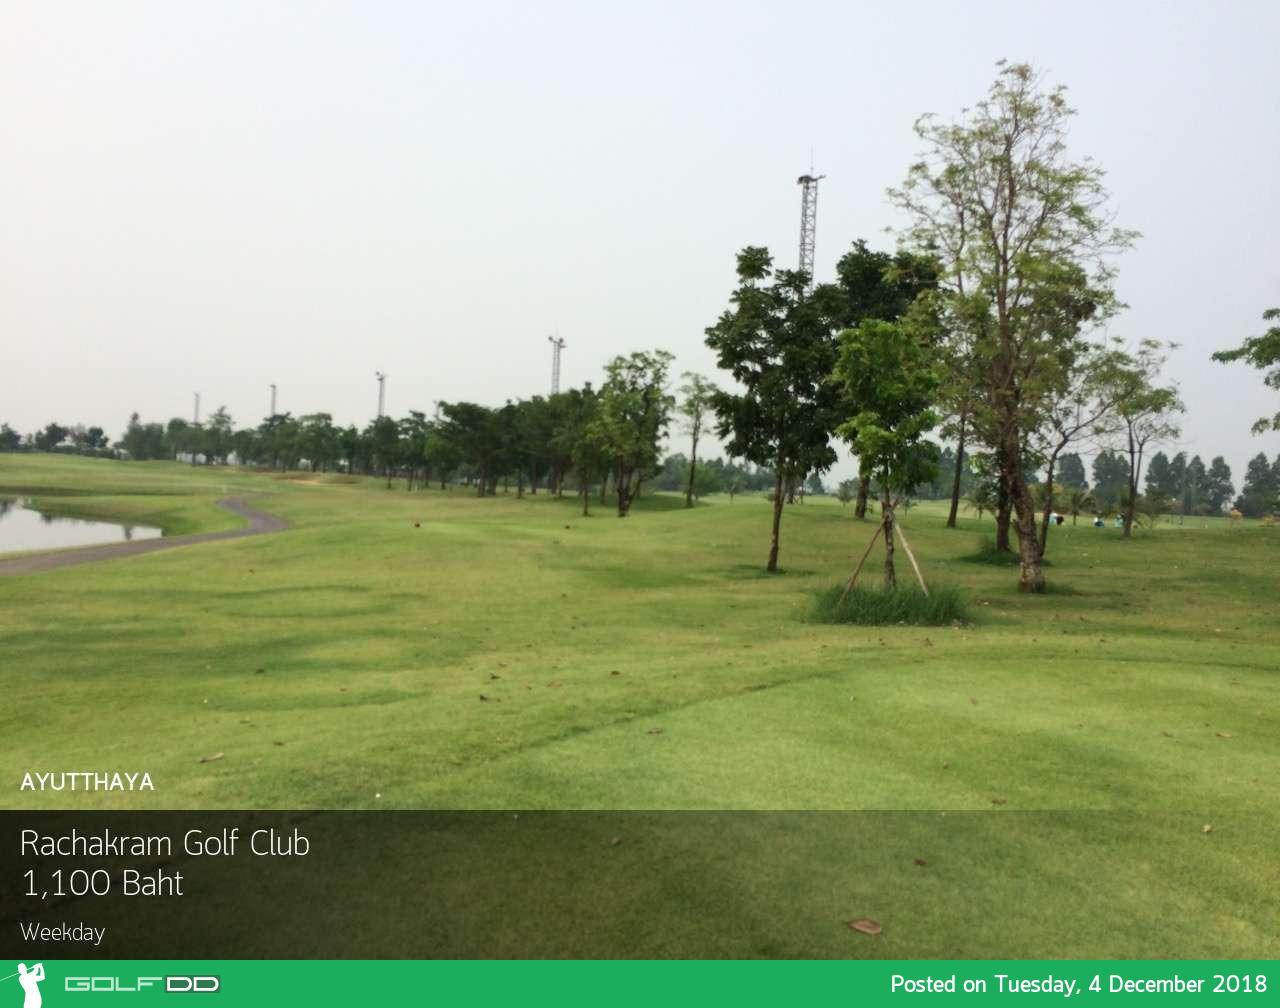 พักผ่อนเหนือระดับ อยู่ใกล้ชิดสนิทกับธรรมชาติ ที่สนาม Rachakram Golf And Resort